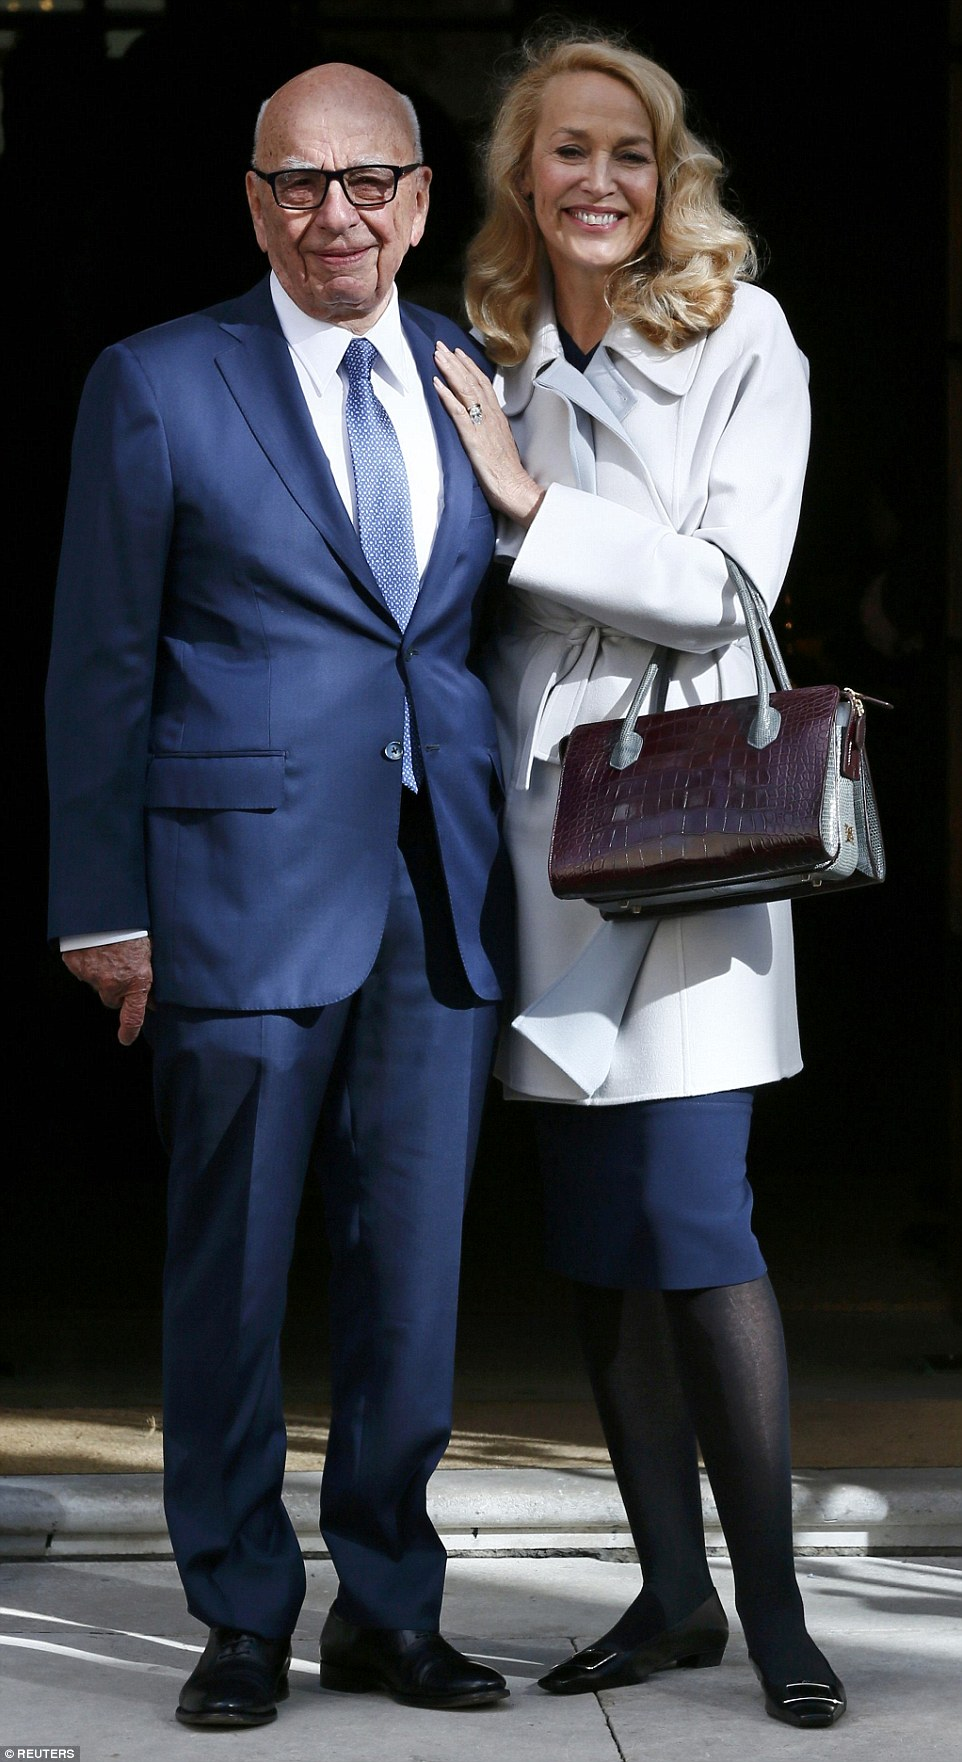 31D8E7E200000578-3476642-Media_mogul_Rupert_Murdoch_has_married_Jerry_Hall_at_an_aristocr-a-22_1457102752585